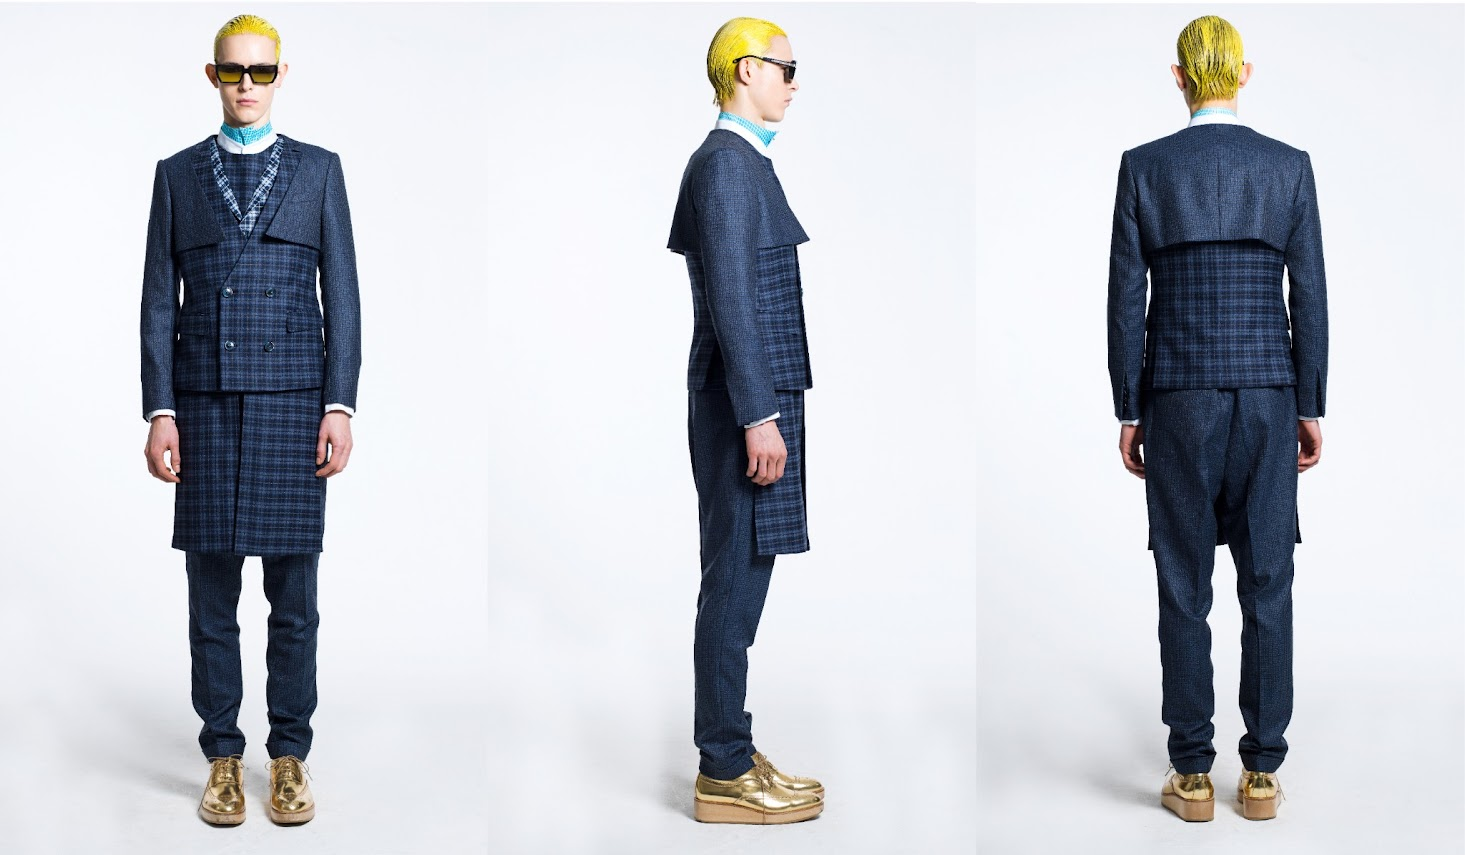 *華人設計新指標Six Lee的2013AW:將貴族古典剪裁活用於未來時裝! 7